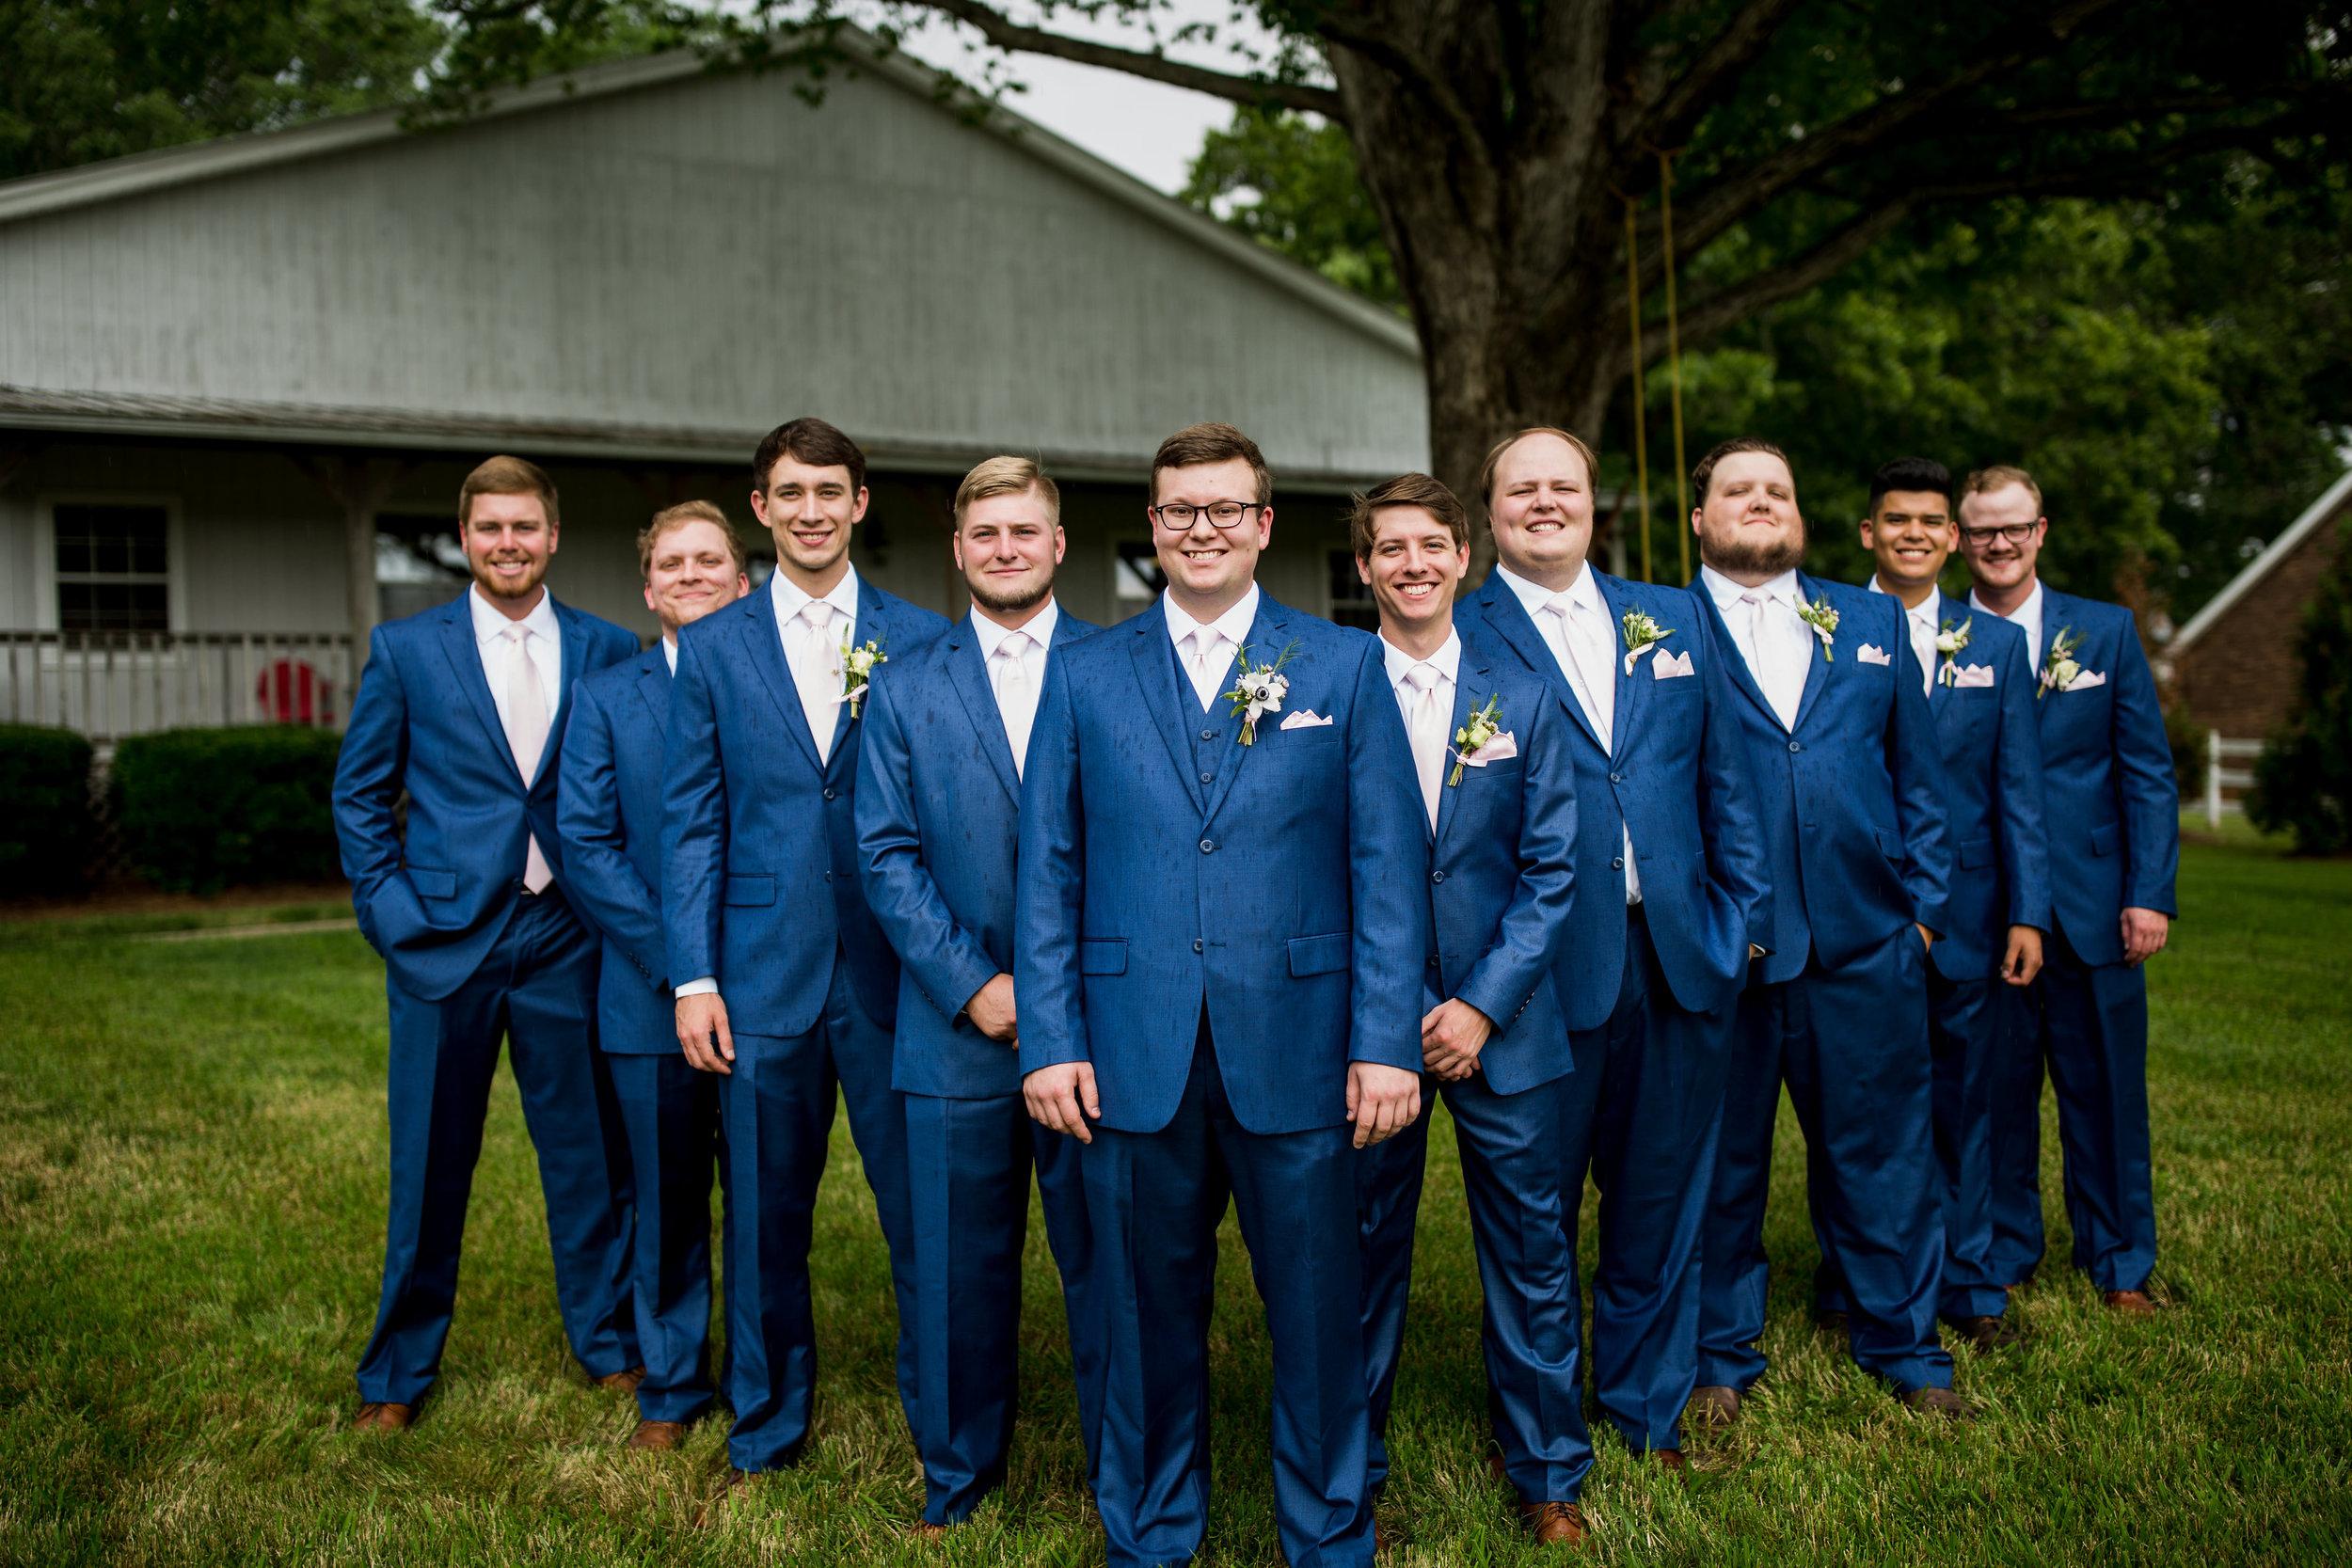 Saddlewood-Farms-Nashville-Wedding-Photographers-197.jpg